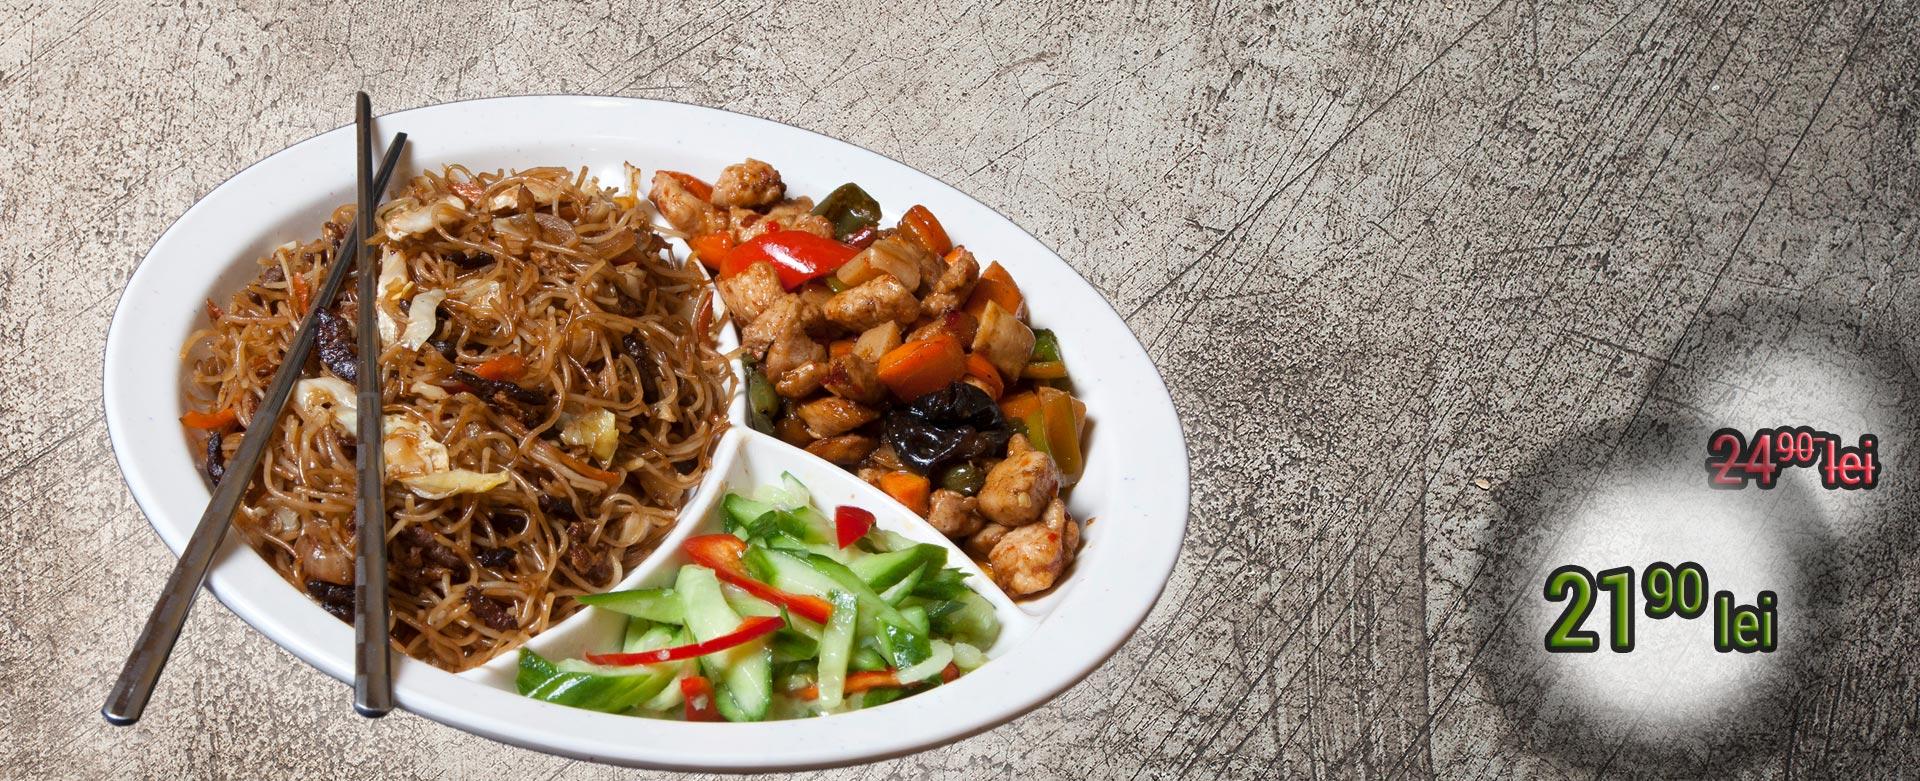 Meniul Smart este alegerea perfectă pentru o masă deliciosă, marca KungFu King, ce conţine un fel principal, o garnitură, o salată şi o băutură. Alege mâncare chinezească de calitate, marca KungFu King. Acum puteţi face comanda online şi vă puteţi, astfel, bucura de ofertele speciale oferite de restaurantul chinezesc KungFu King din Bucureşti.